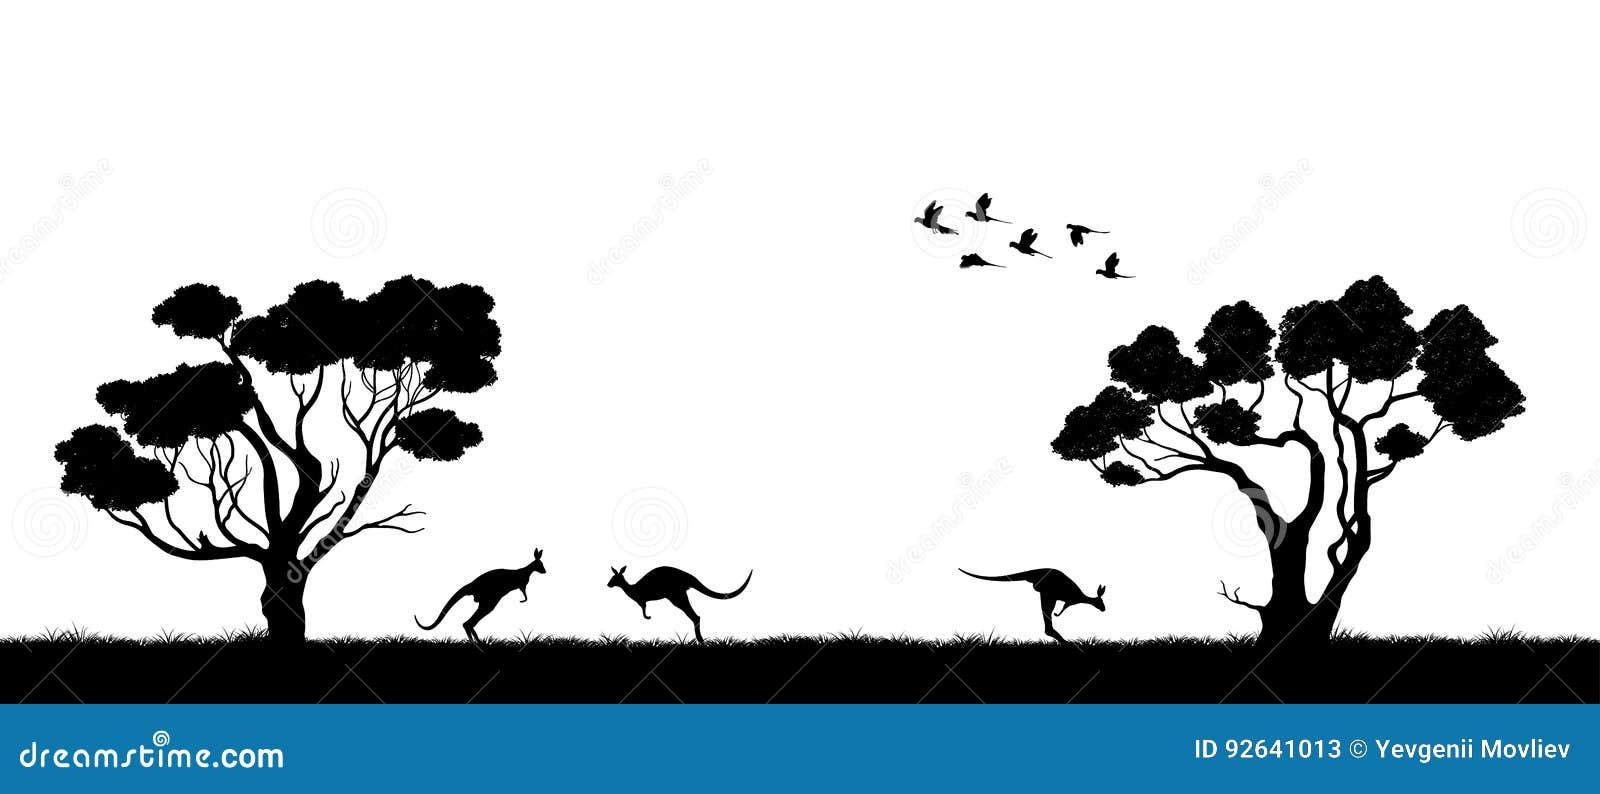 澳大利亚横向 树和袋鼠黑剪影在白色背景 澳大利亚的本质